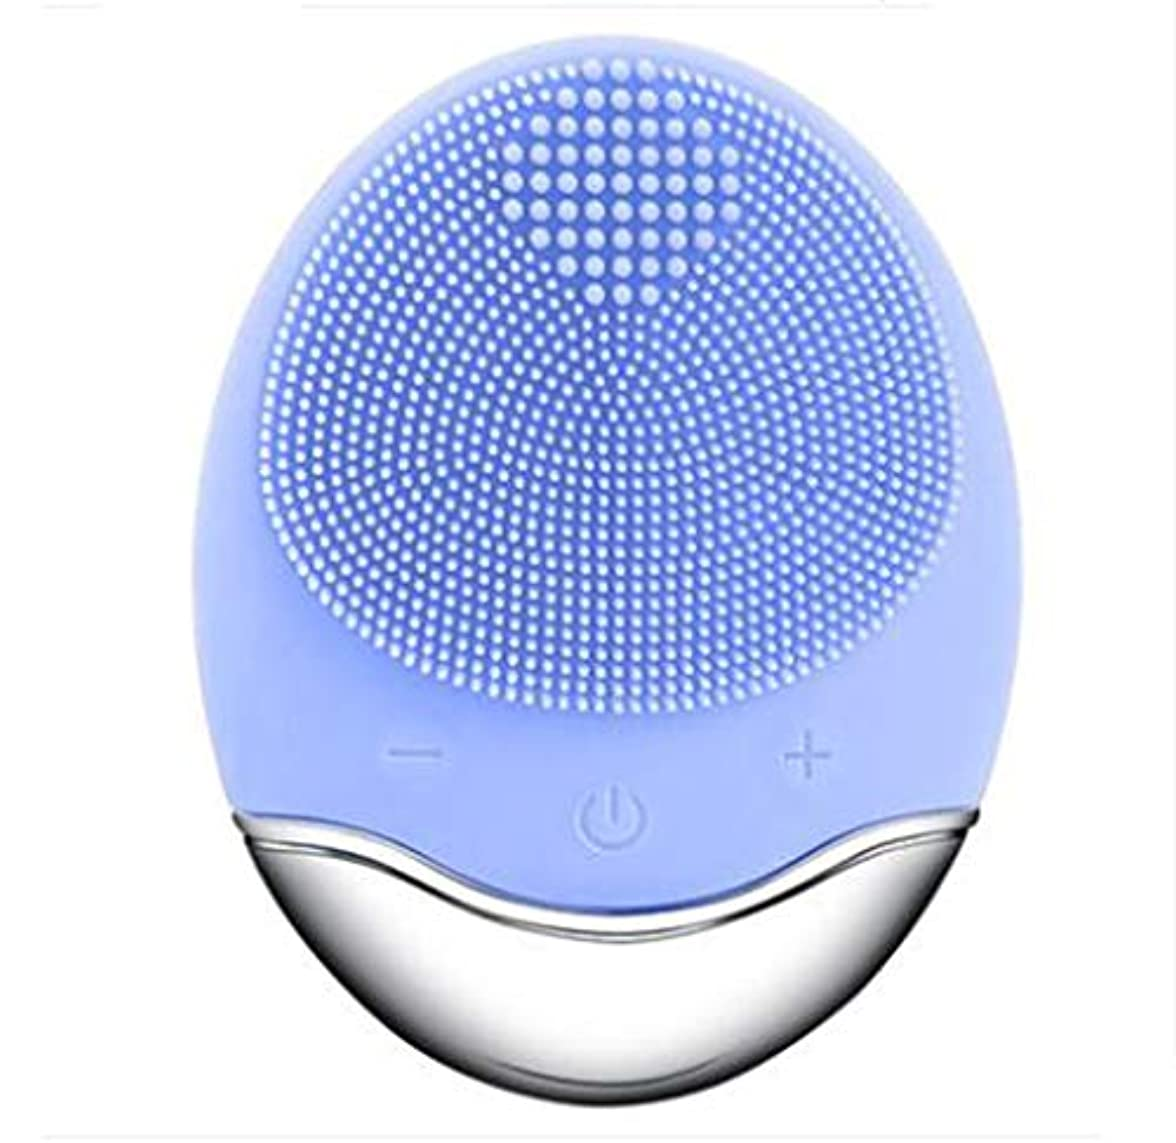 ましい資格情報金属シリコーン電気クレンジング器具、洗顔毛穴クリーナーマッサージフェイス、イントロデューサー + クレンジング器具 (1 つ2個),Blue